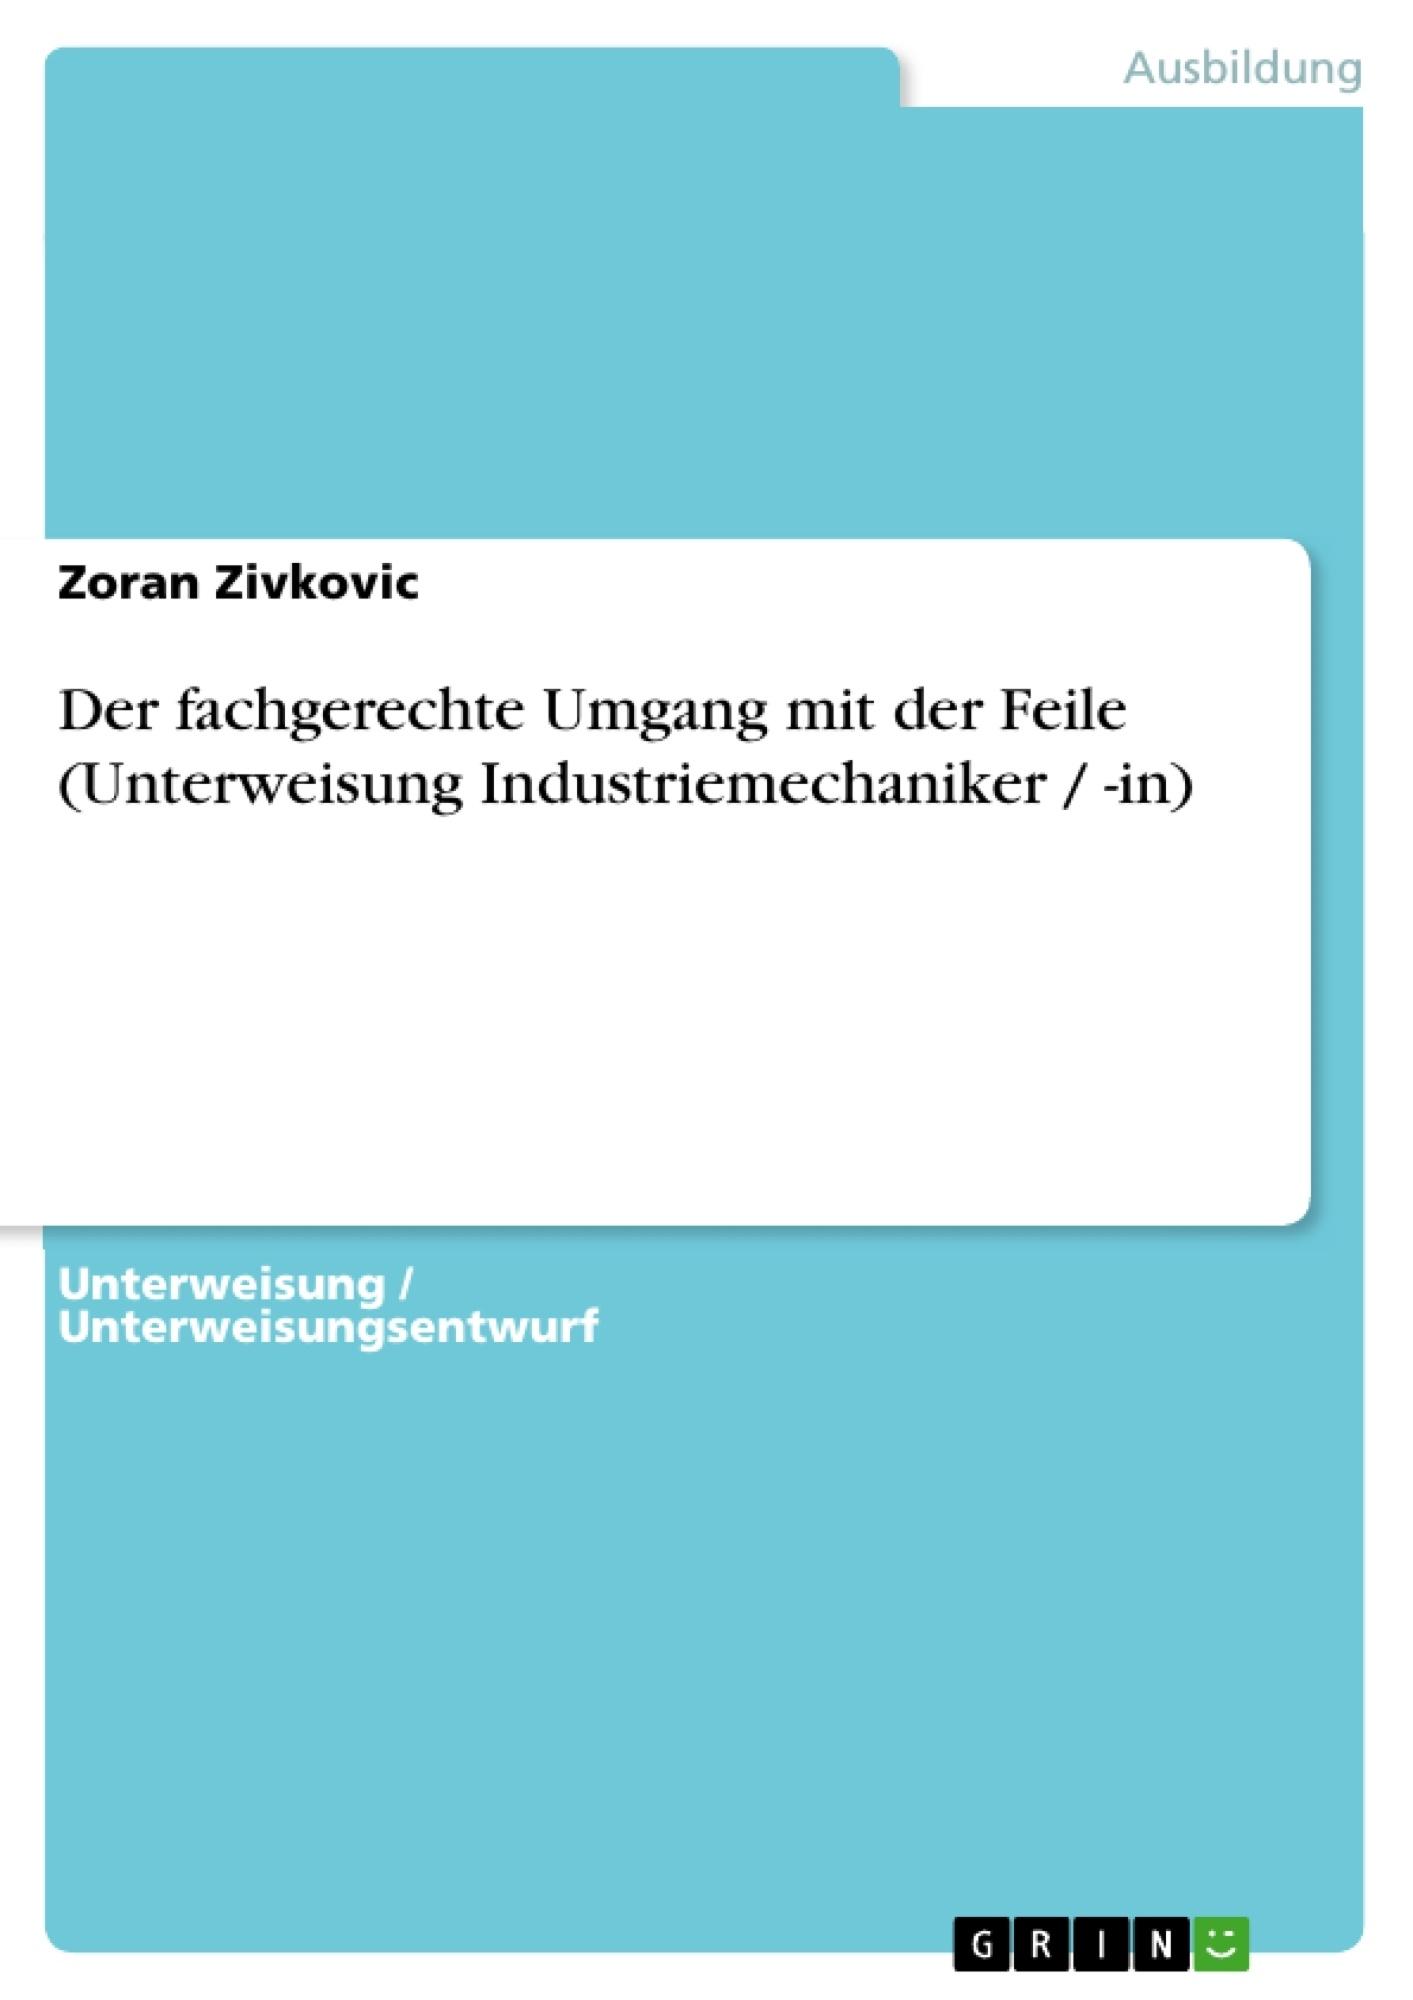 Titel: Der fachgerechte Umgang mit der Feile (Unterweisung Industriemechaniker / -in)